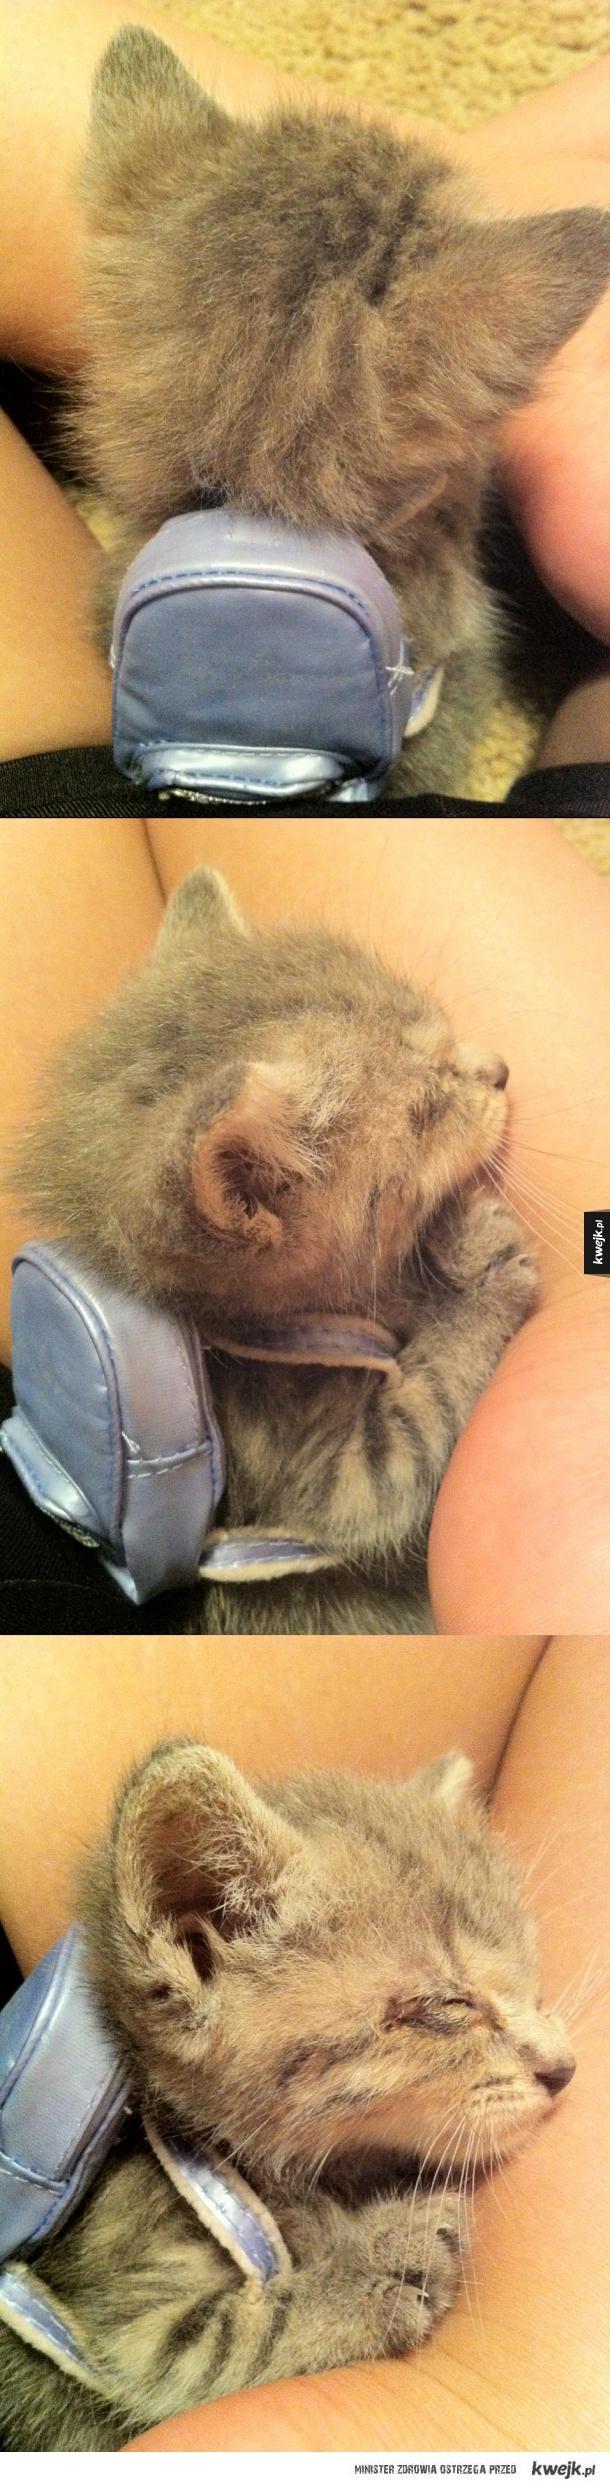 Kotek z plecaczkiem